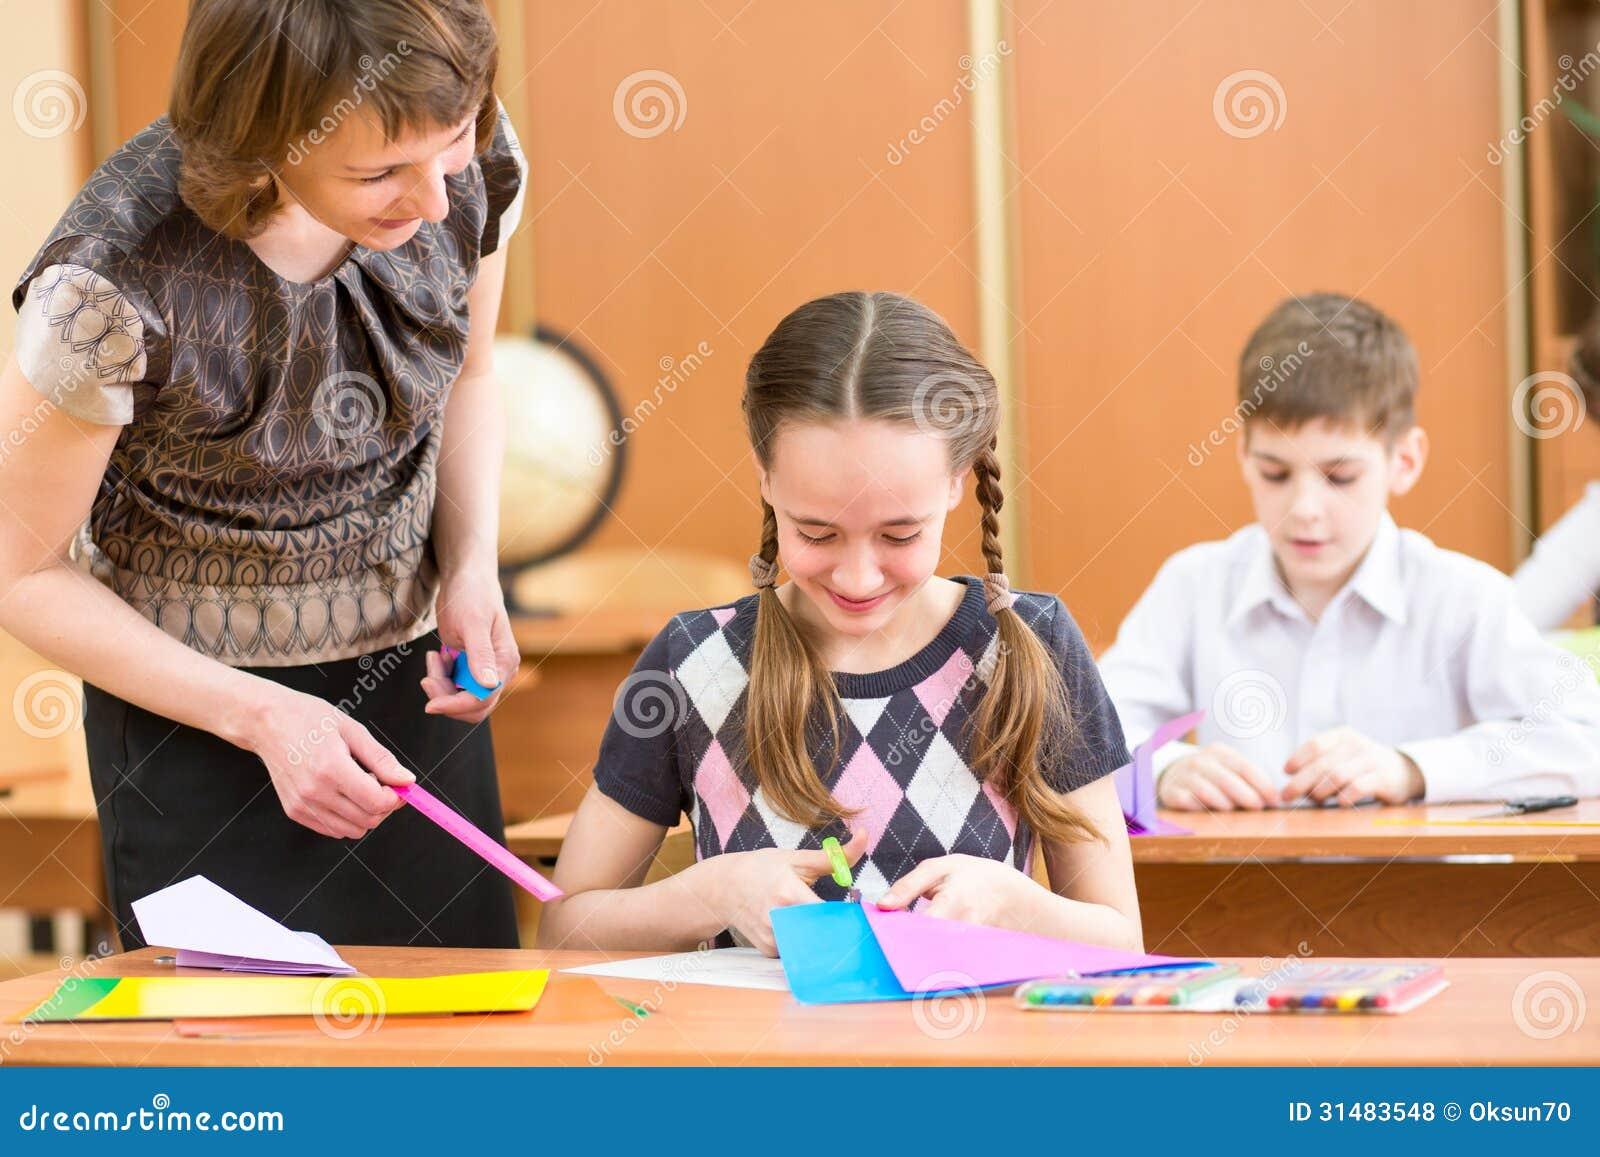 Crianças da escola e trabalho do professor na lição.